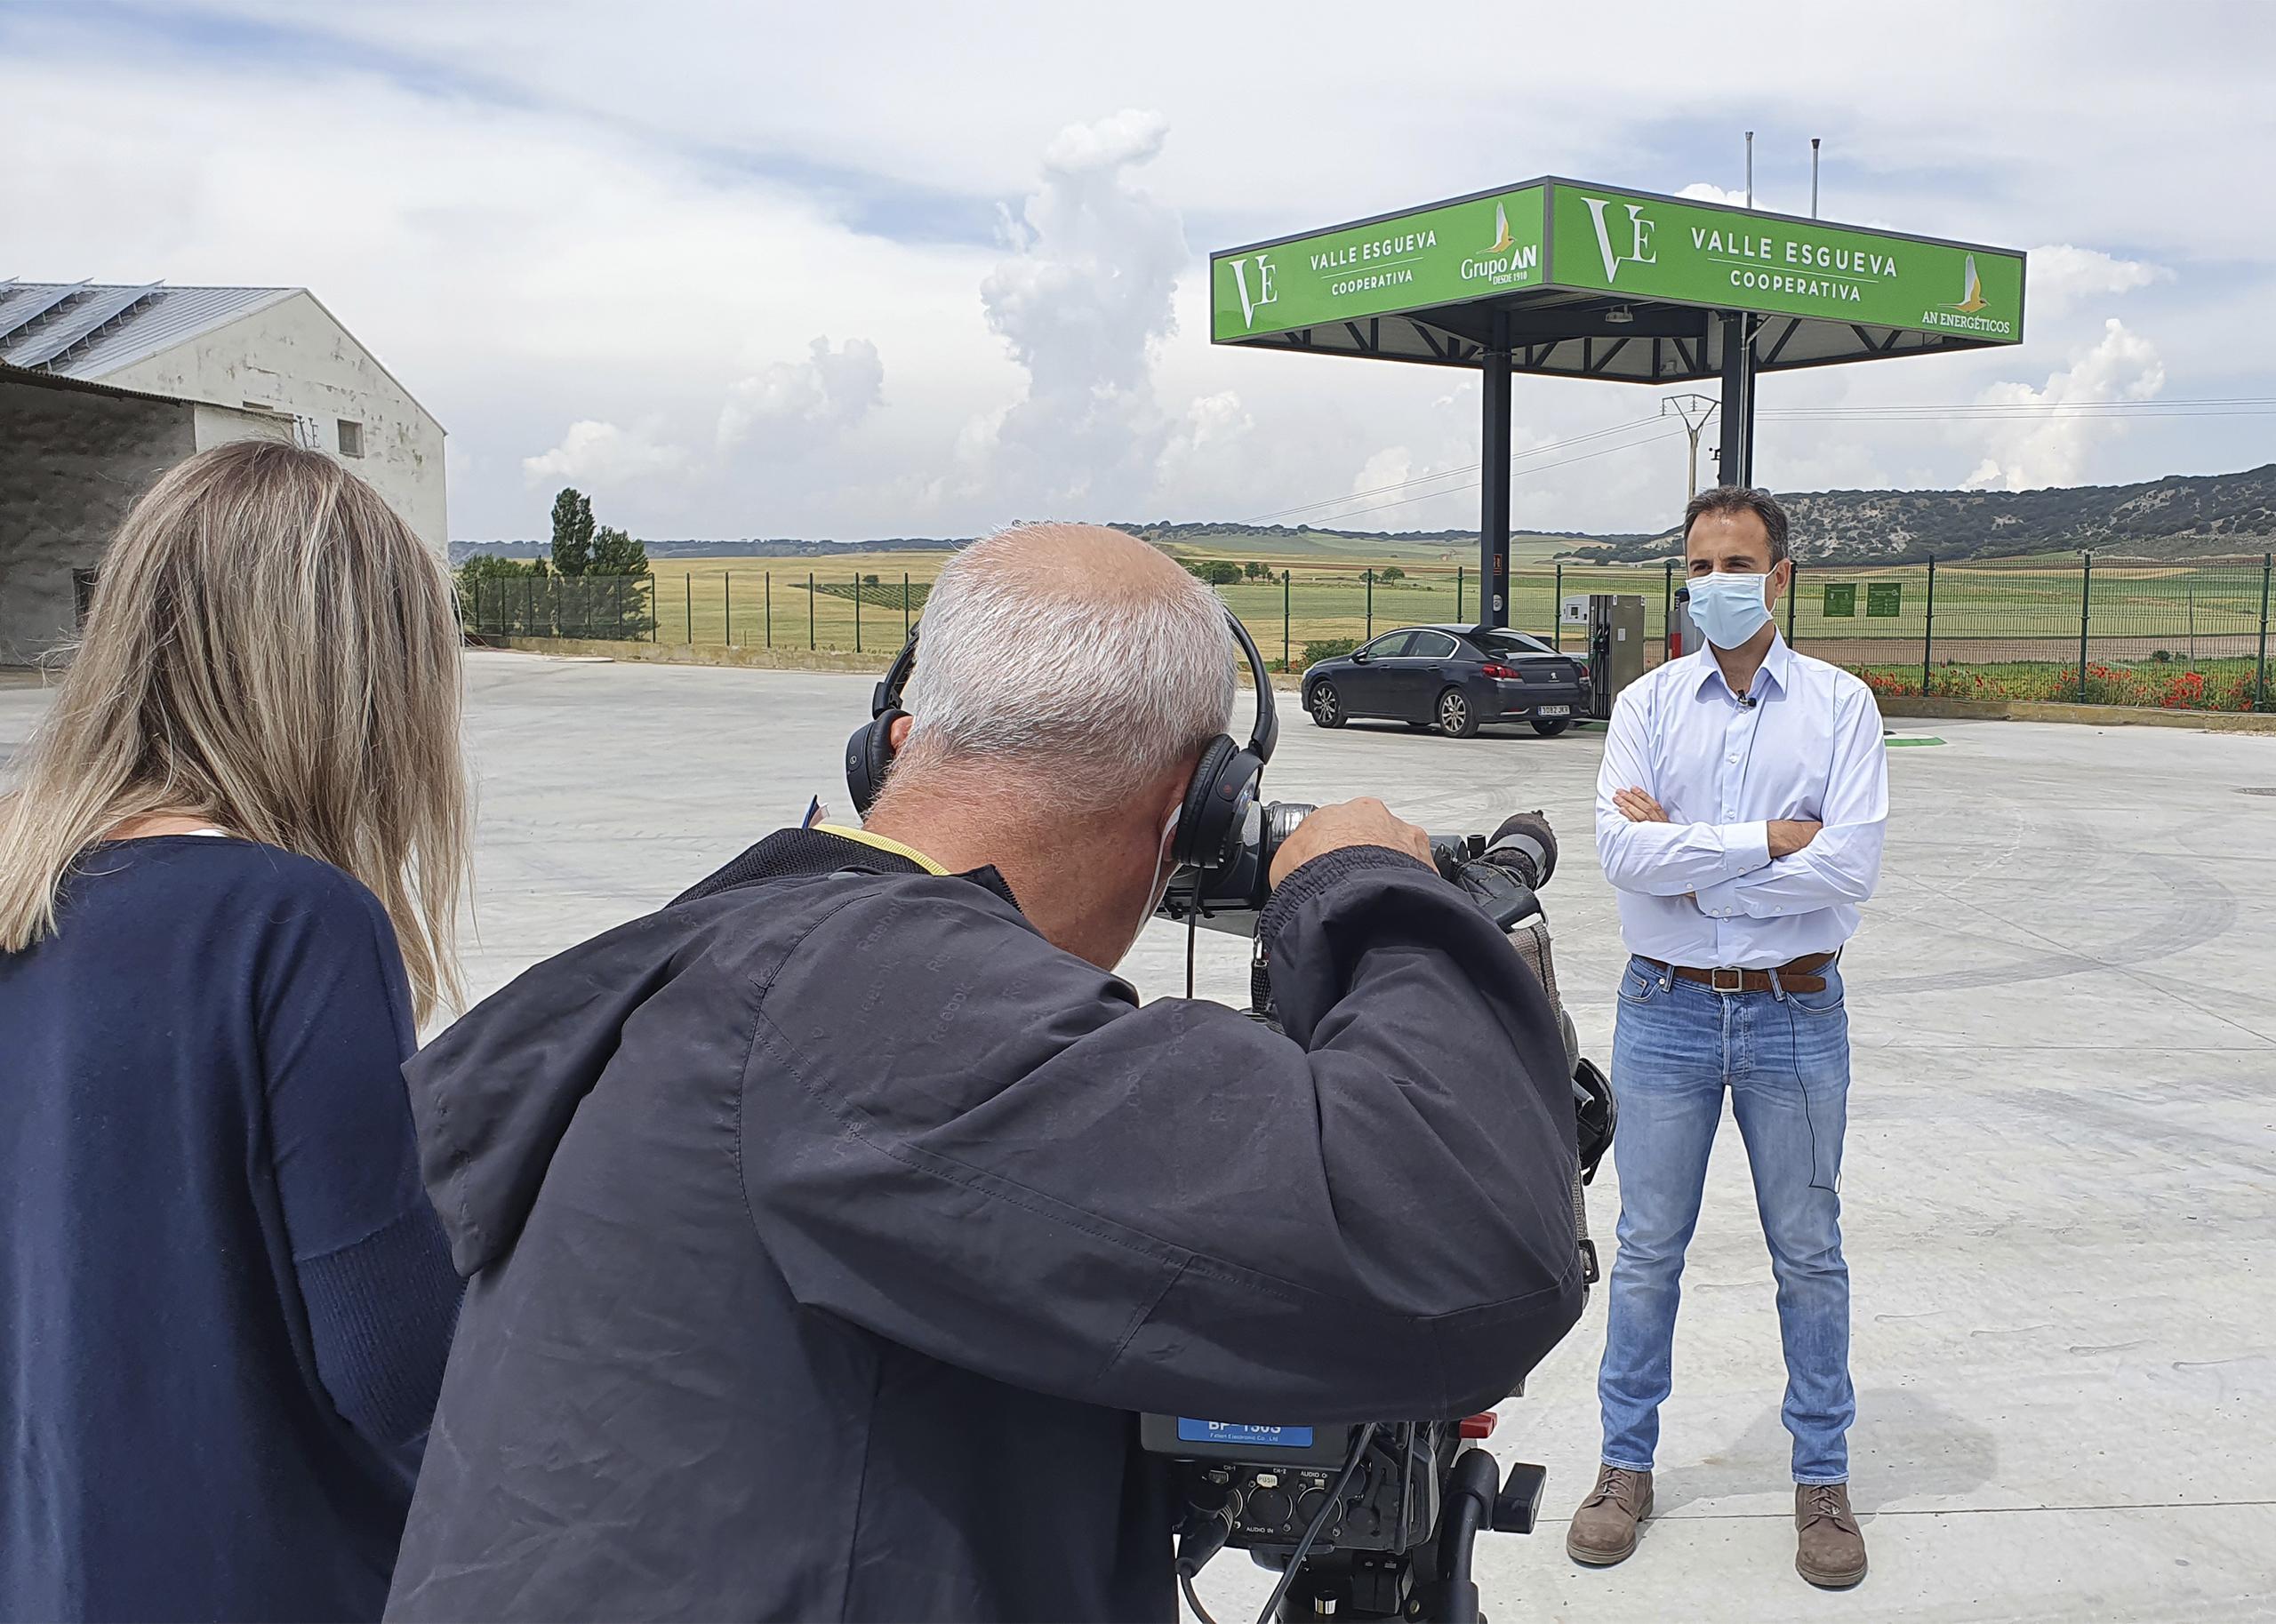 Óscar Castañeda, delegado de Carburantes del Grupo AN en Castilla y León, con el equipo del programa Surcos en la gasolinera de la cooperativa Valle de Esgueva